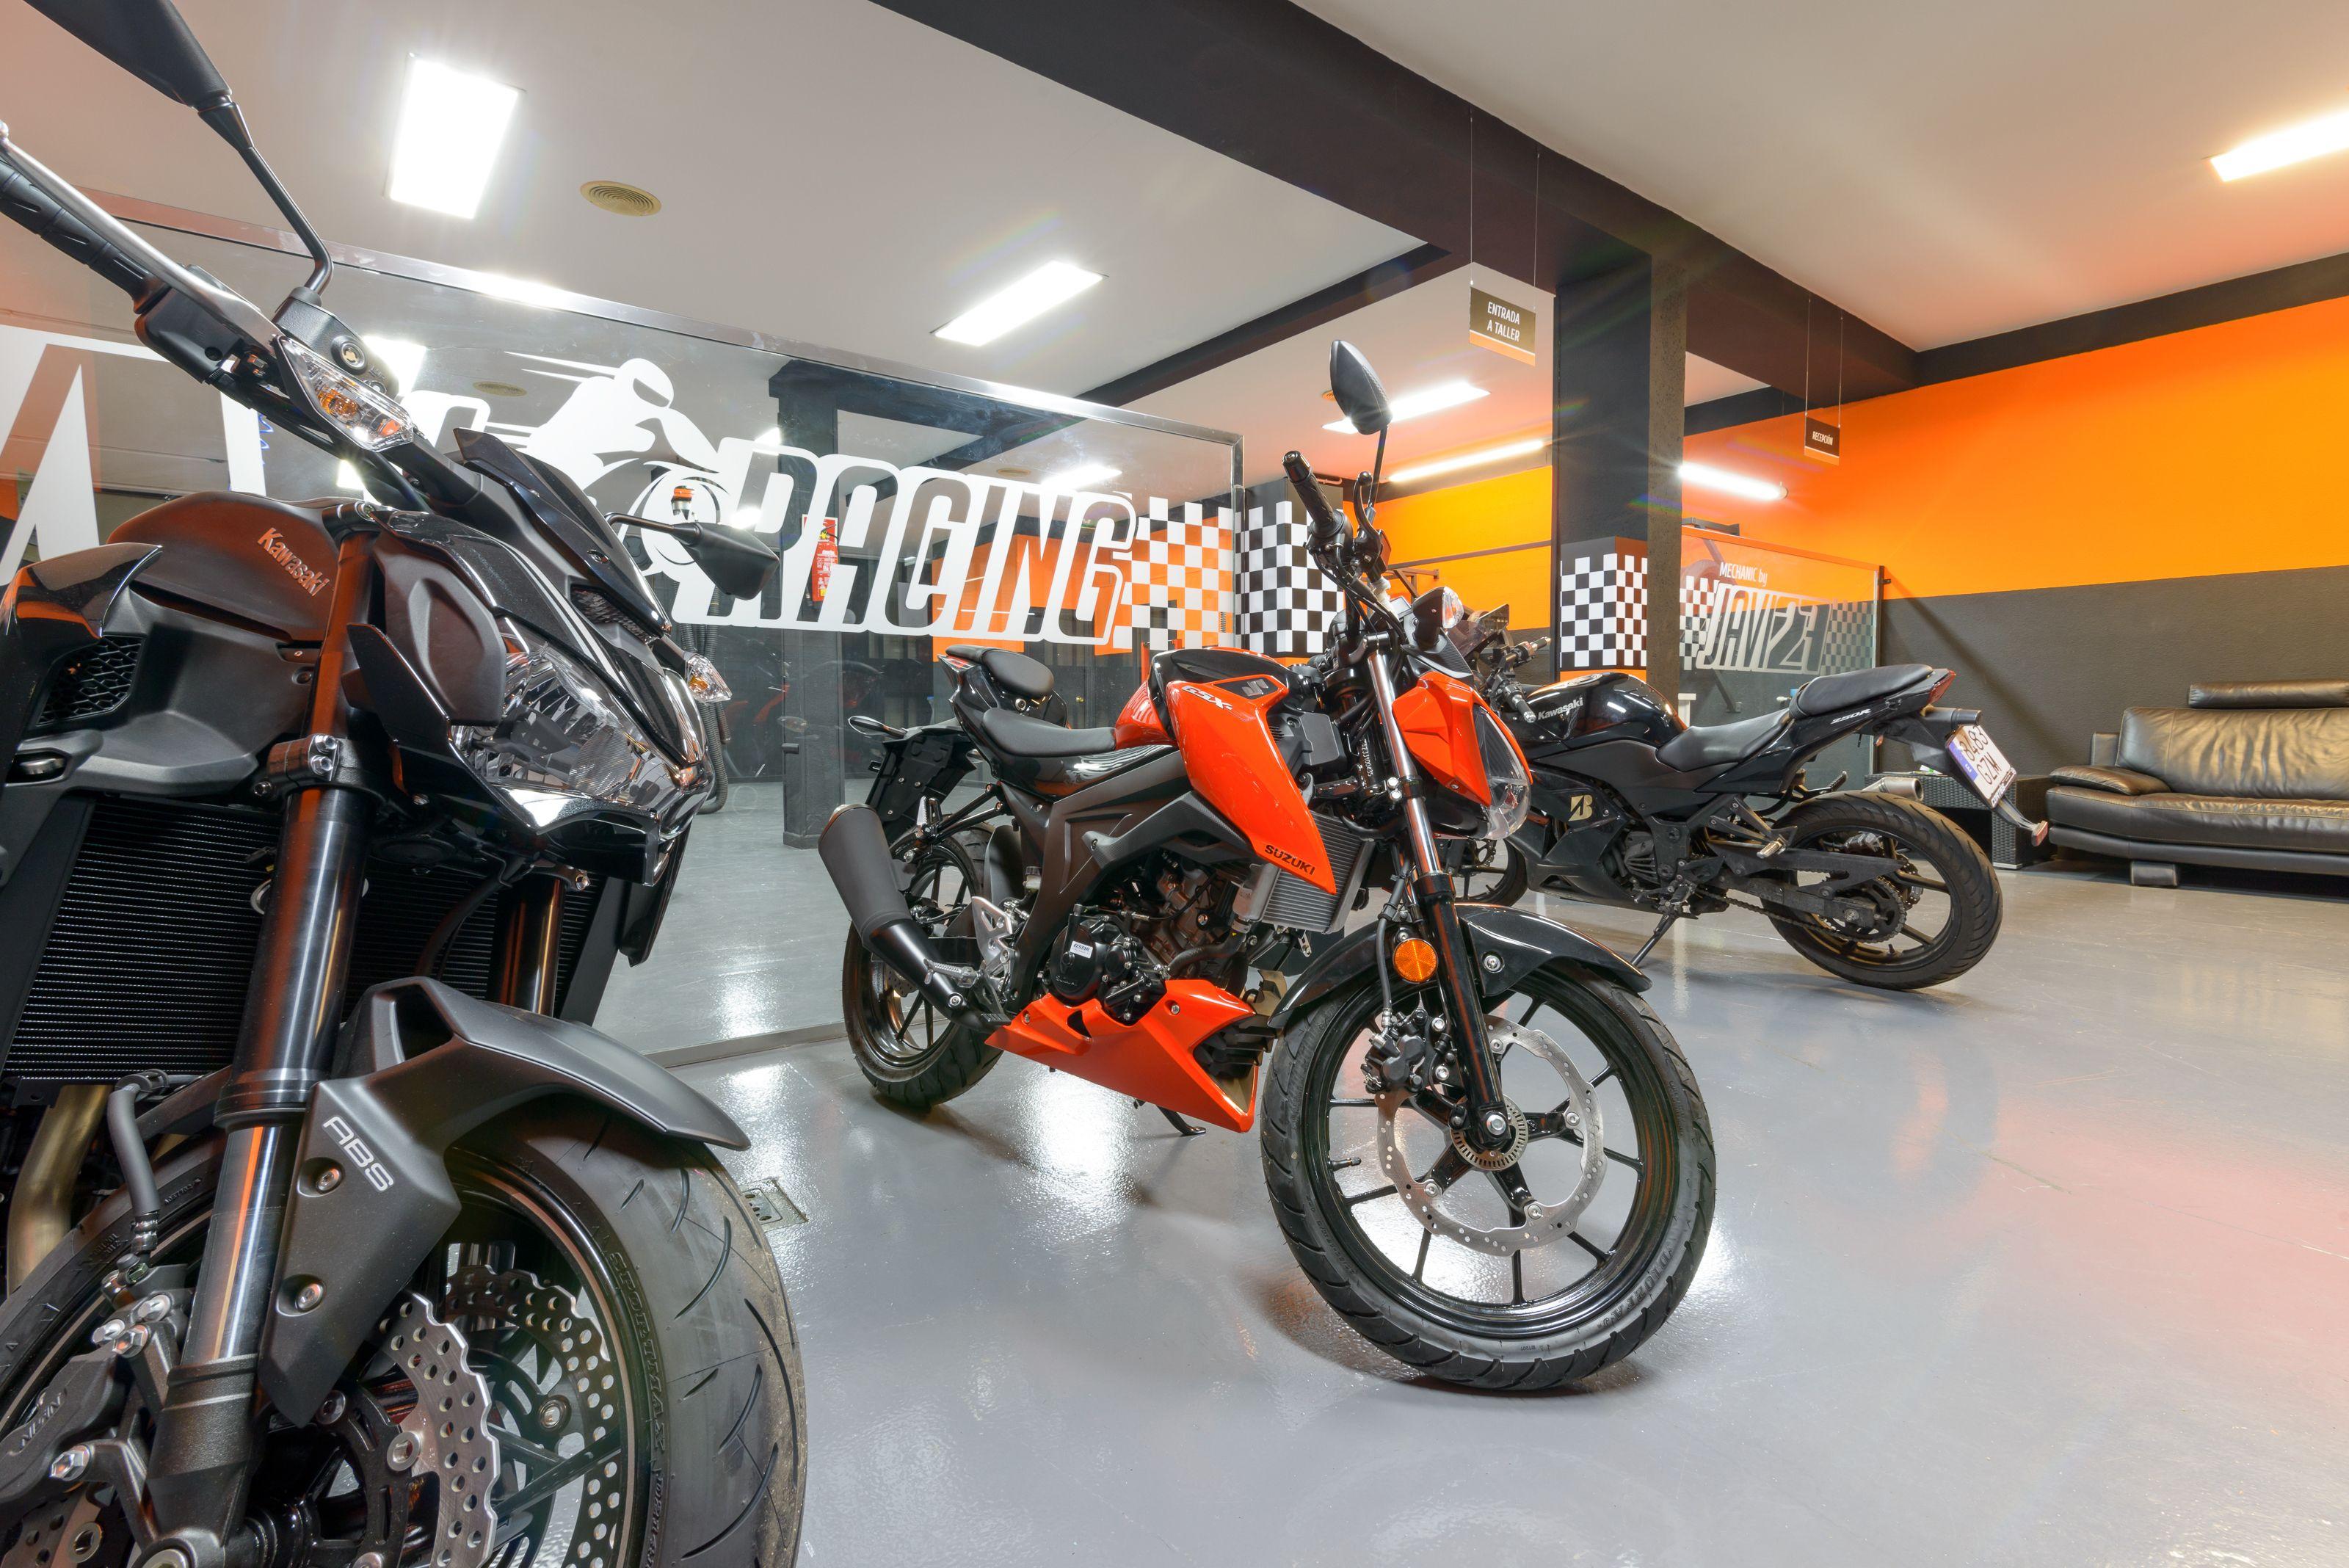 Taller de motos en Alcobendas con los mejores profesionales